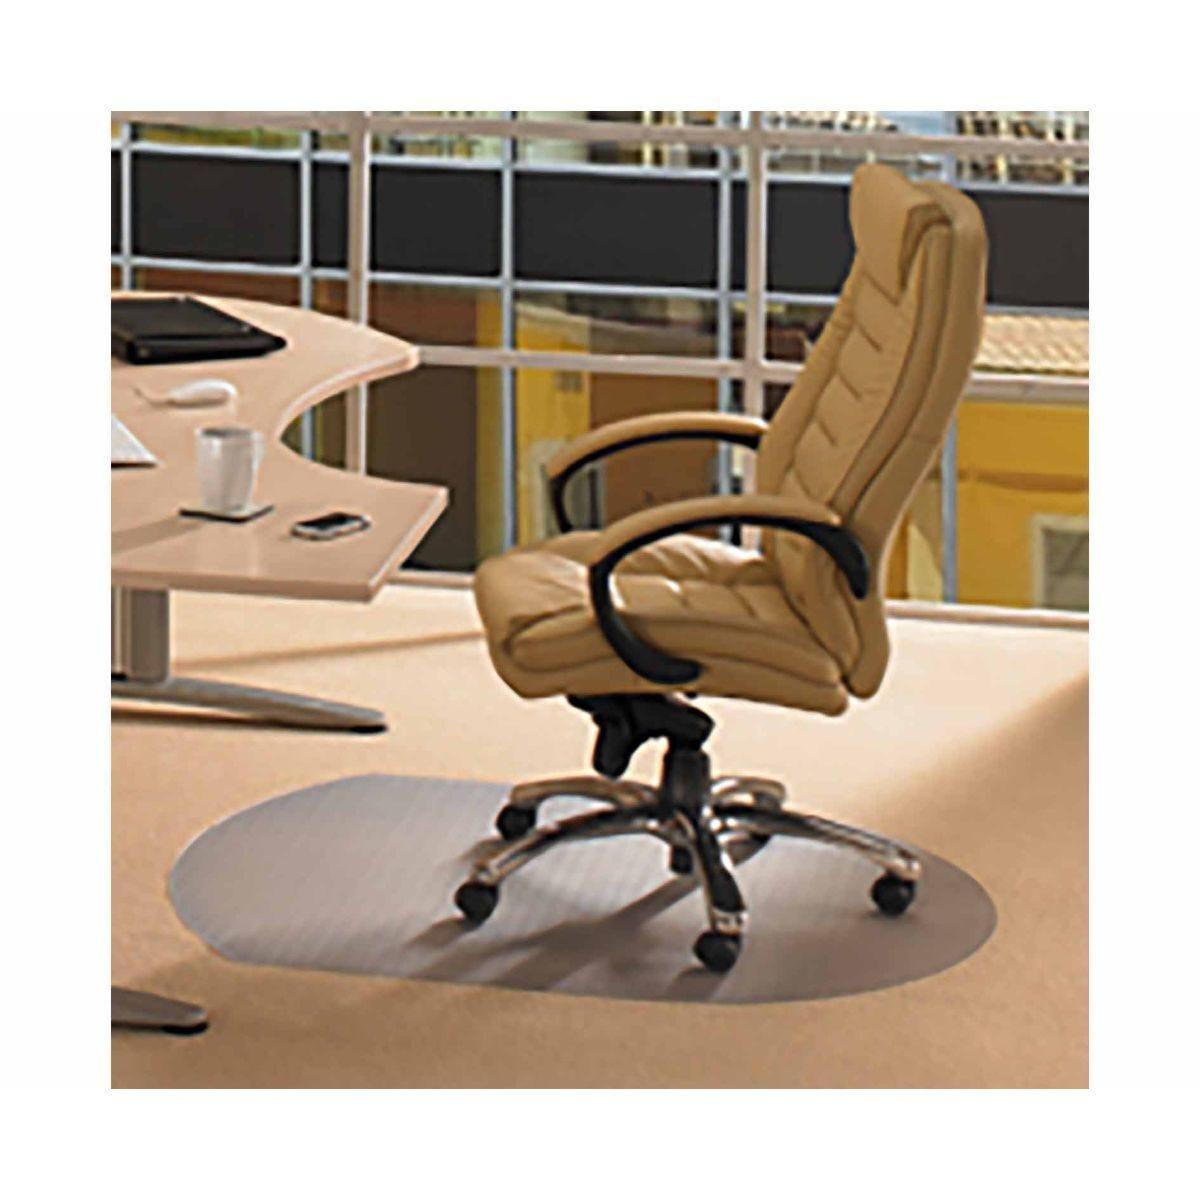 Cleartex Advantagemat Chair Mat for Low Pile Carpet Contoured 99 x 125cm